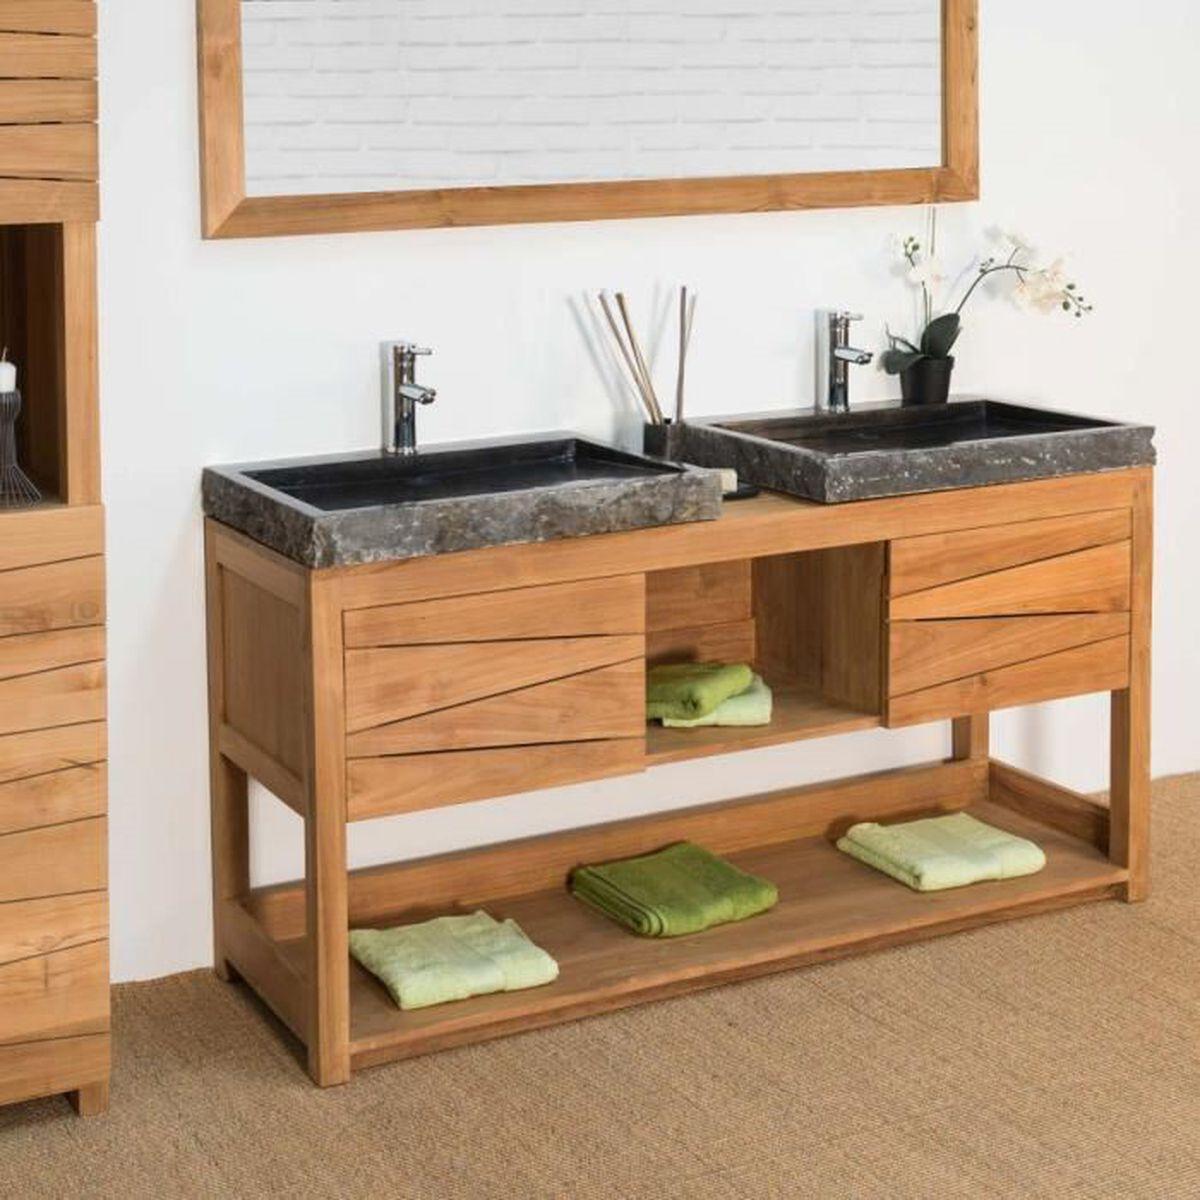 Espace Entre 2 Vasques meuble double en teck massif cosy 160cm + 2 vasques noir